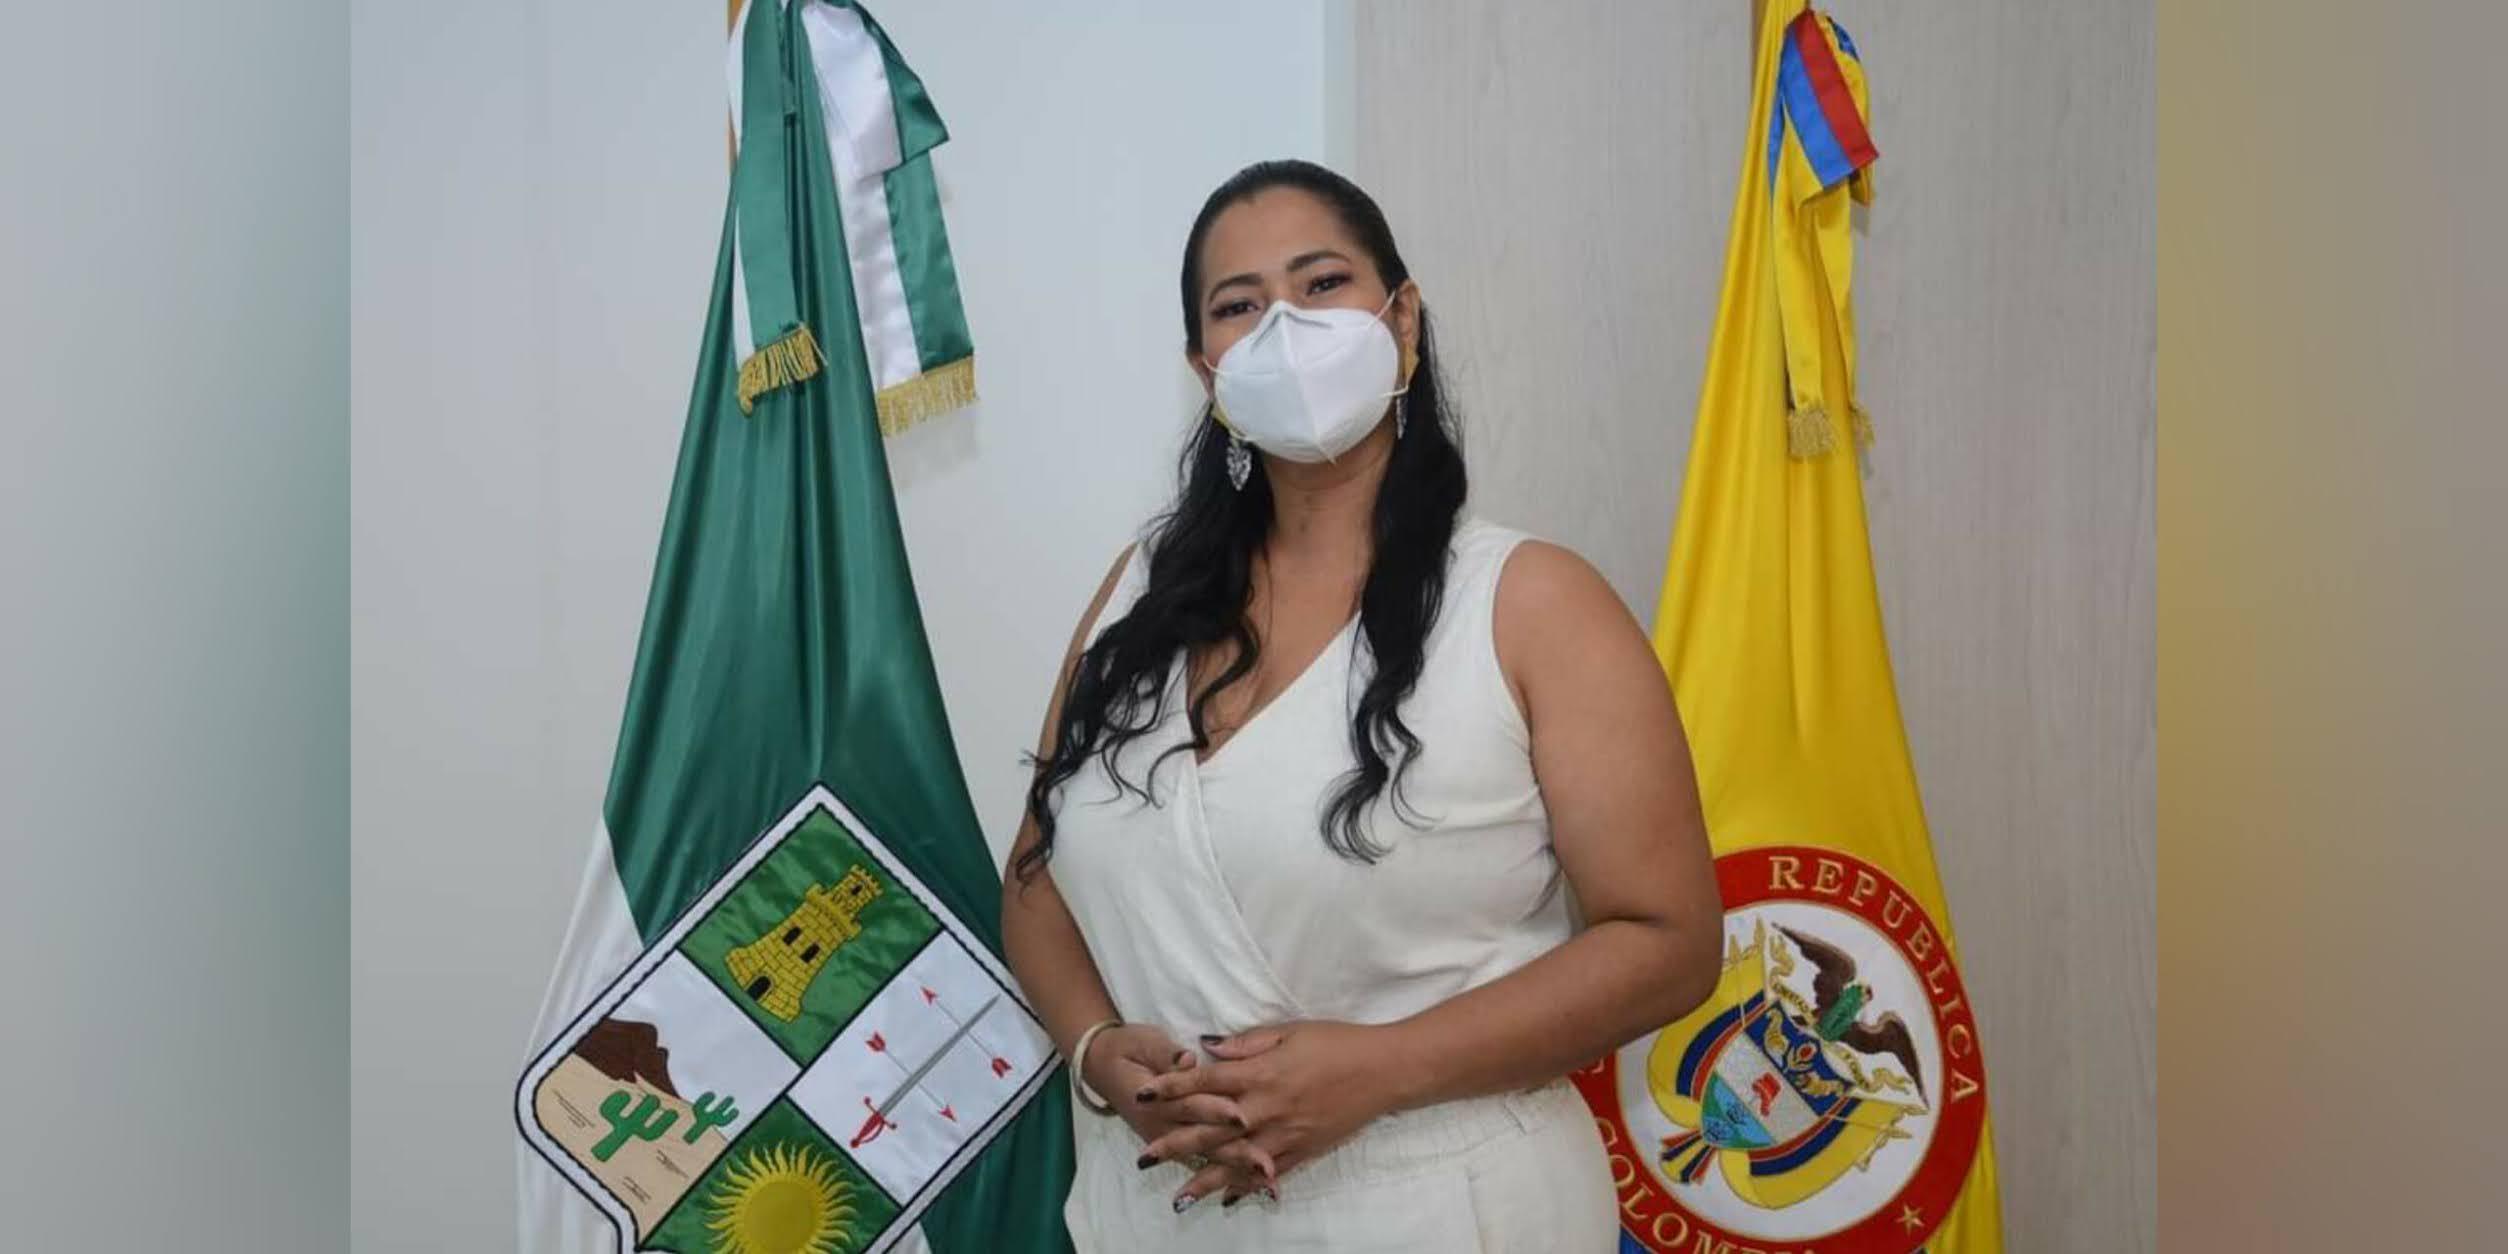 https://www.notasrosas.com/Por visita del presidente Duque a La Guajira, Secretaría de Salud declara Alerta Amarilla Hospitalaria